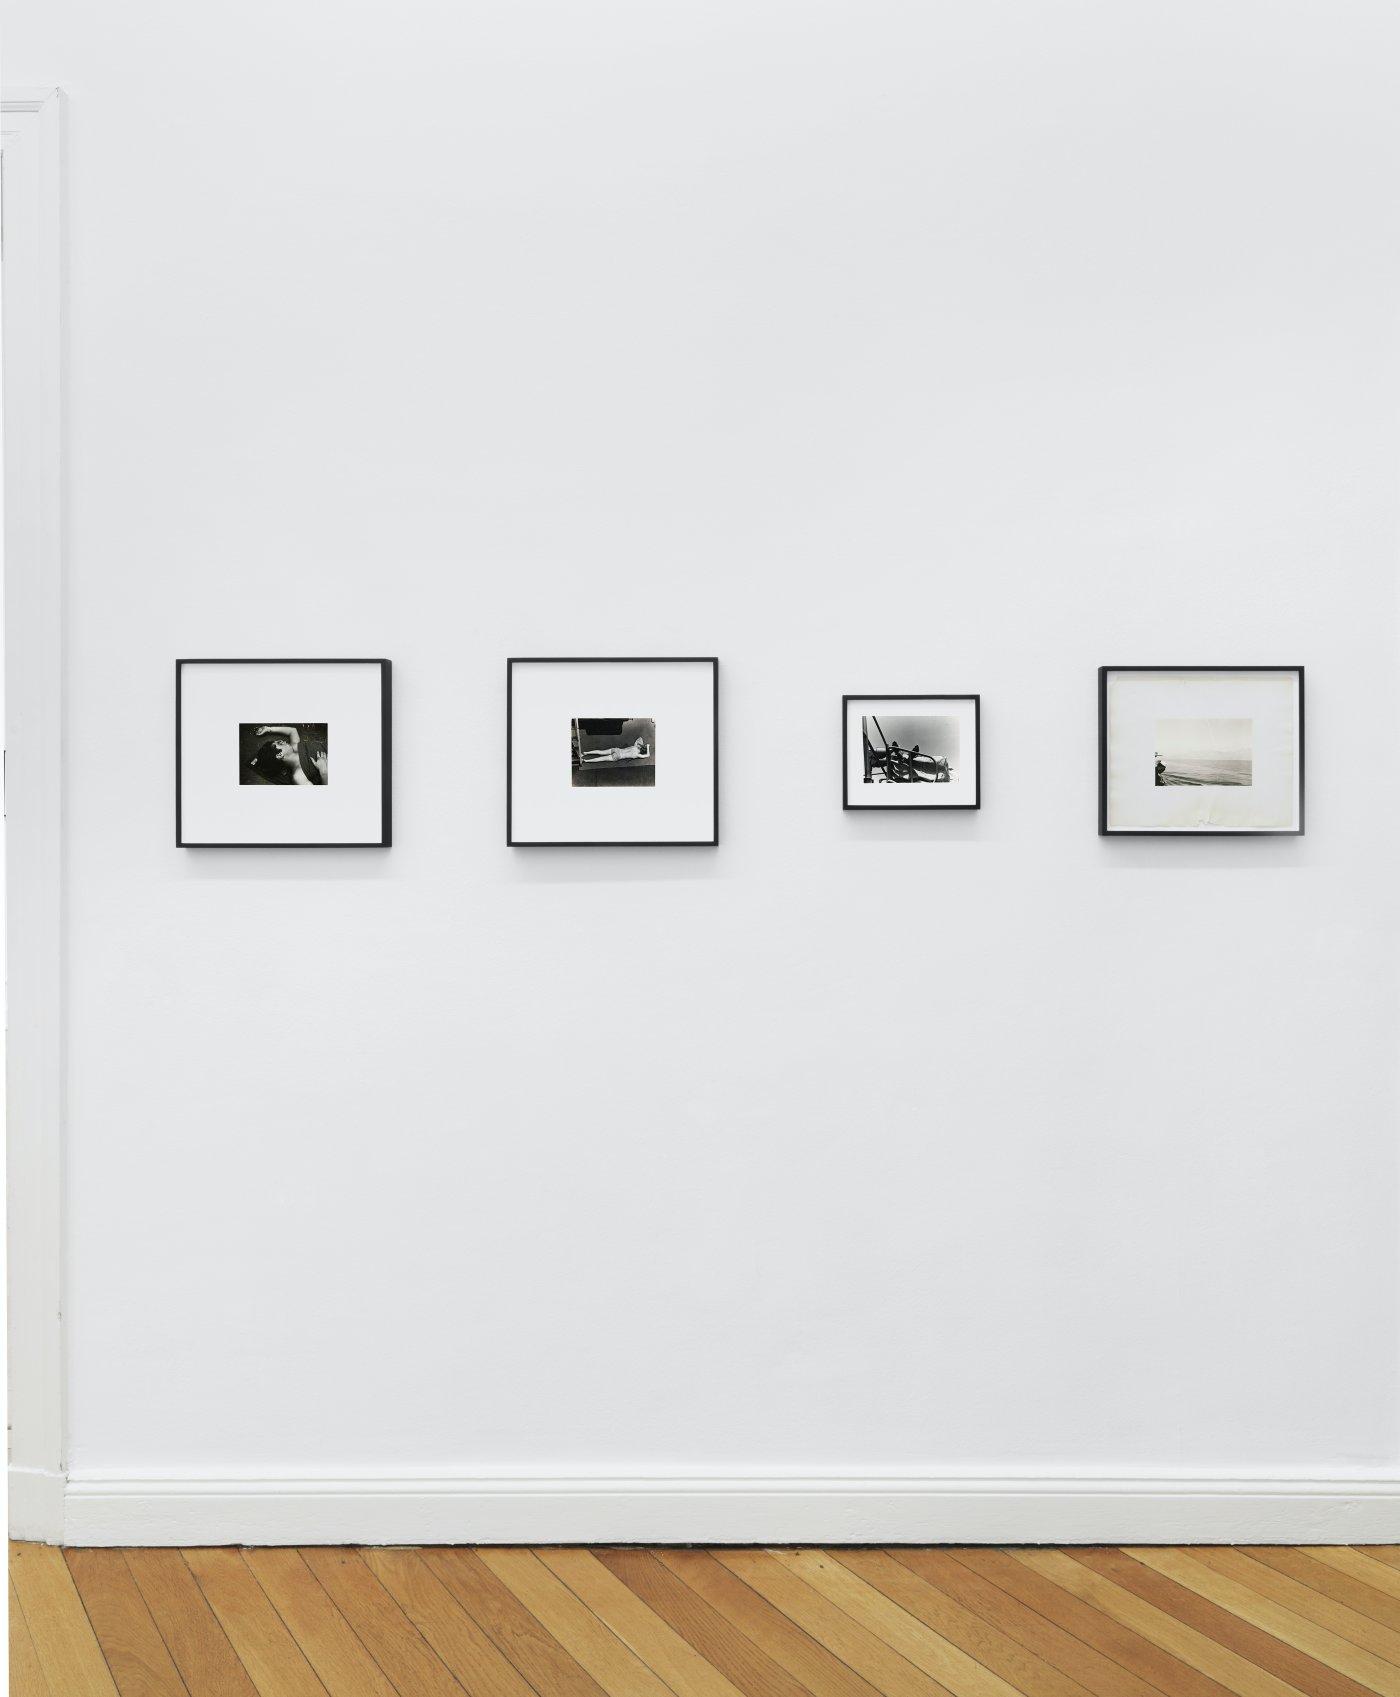 Galerie Buchholz Berlin Alvin Baltrop 2